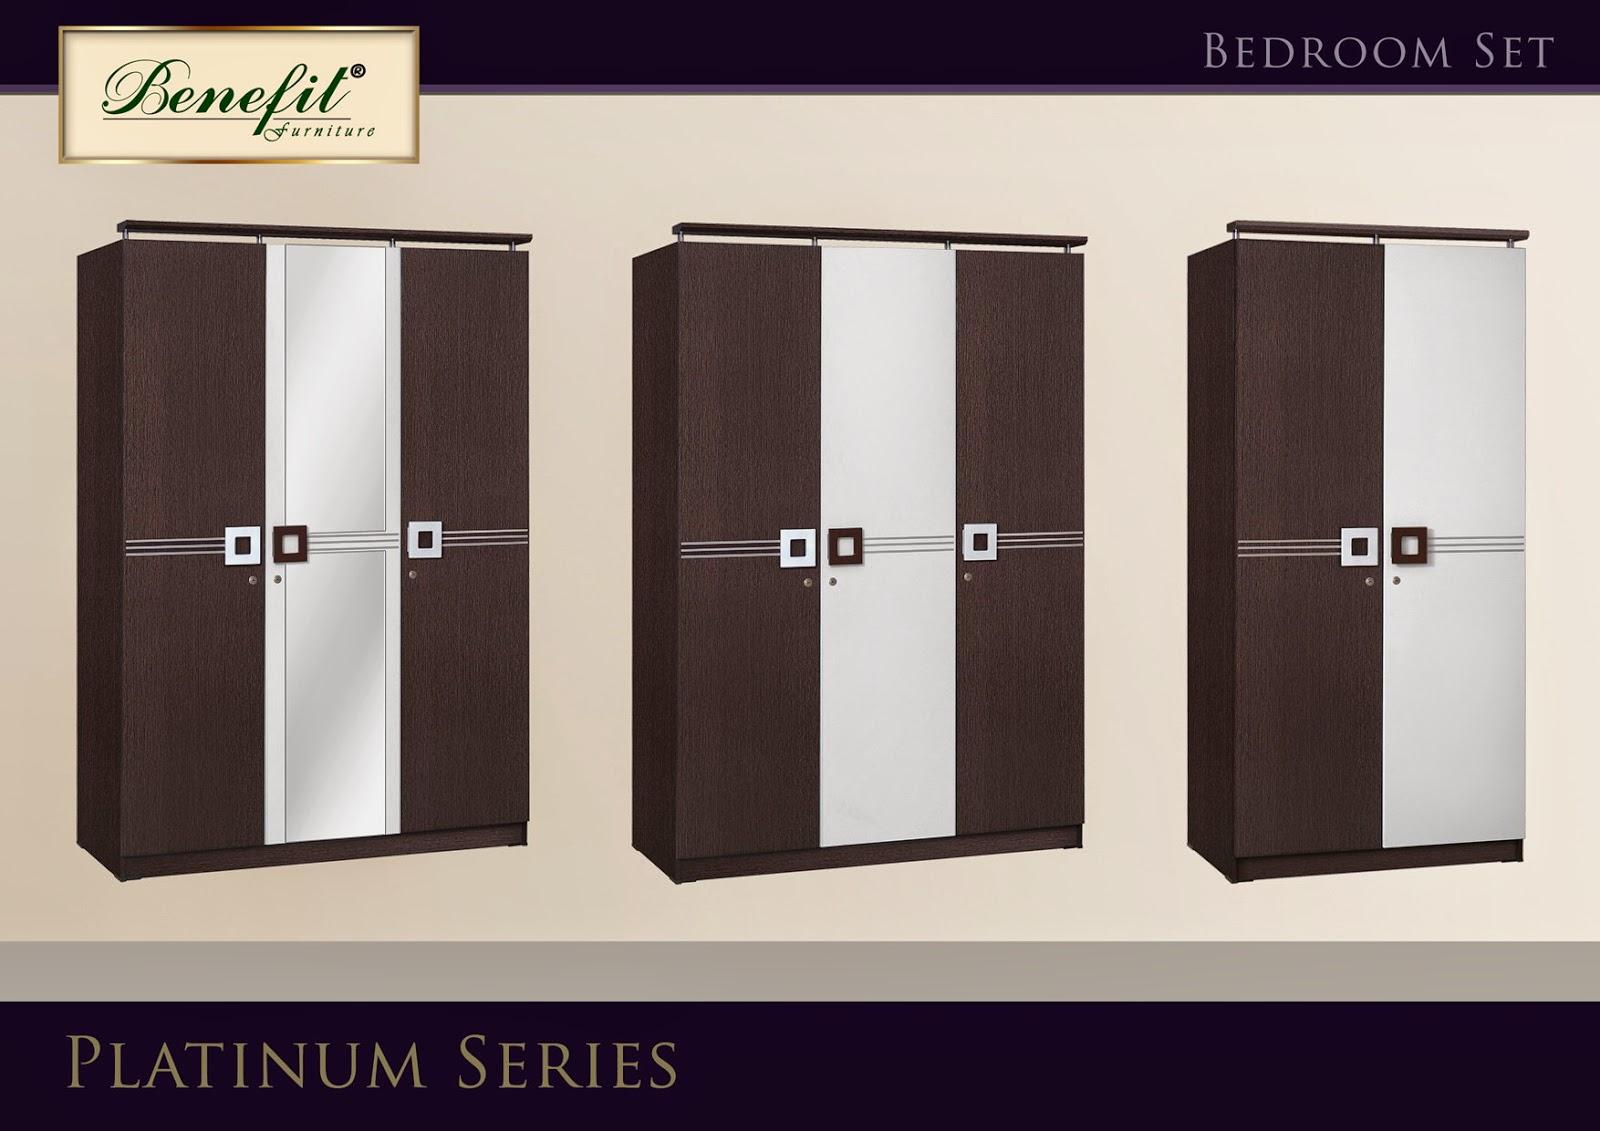 http://www.lemarionline.com/2013/12/lemari-pakaian-3-pintu-platinum-series.html